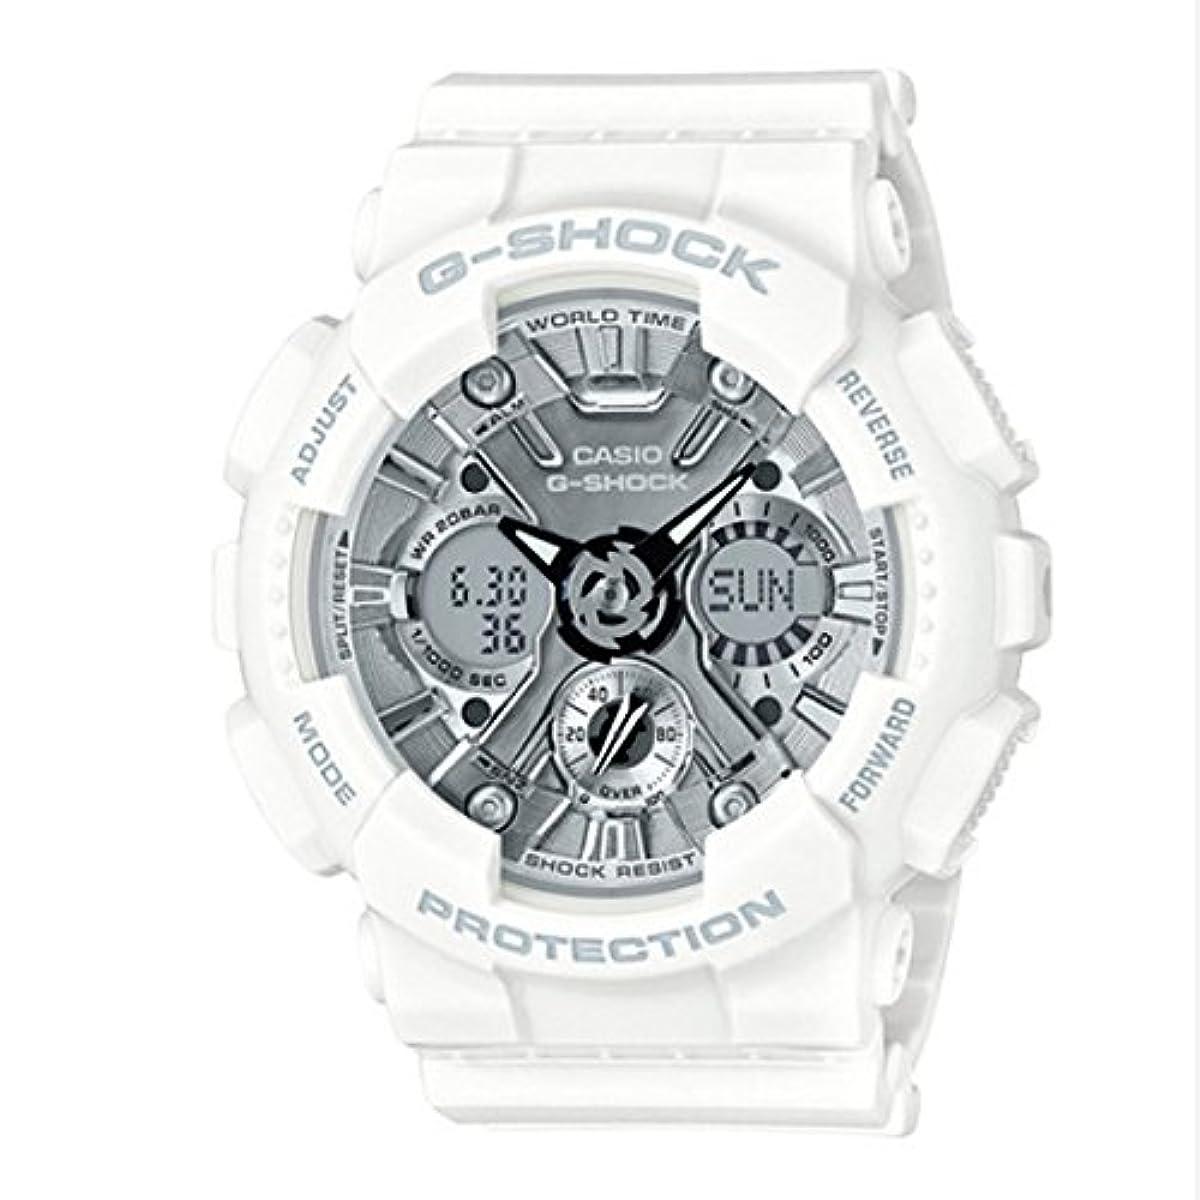 [해외] CASIO (카시오) 손목시계 G-SHOCK 지샥(지샥 G-SHOCK 지샥) S SERIES GMA-S120MF-7A1 맨즈 해외 모델 [병행수입품]